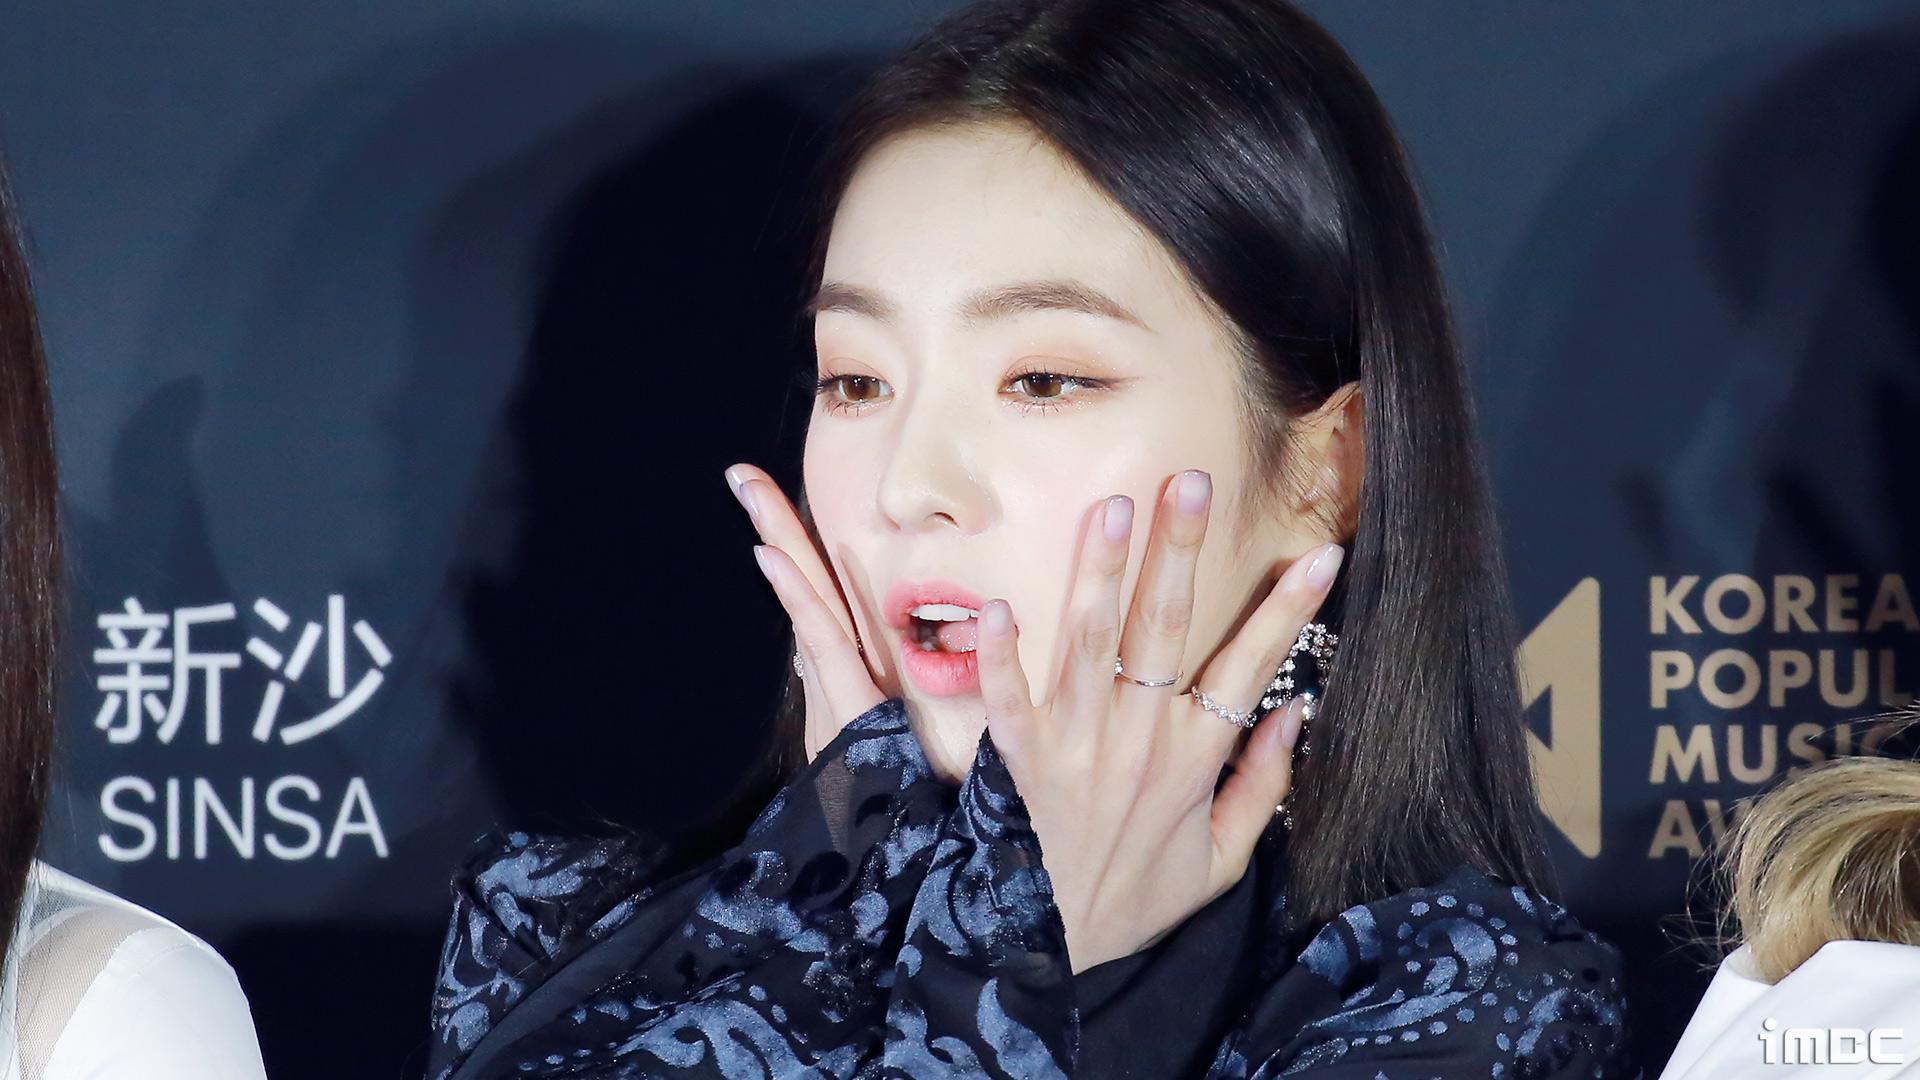 [M픽] 레드벨벳 아이린, 차분하게 빛나는 별박은 눈동자